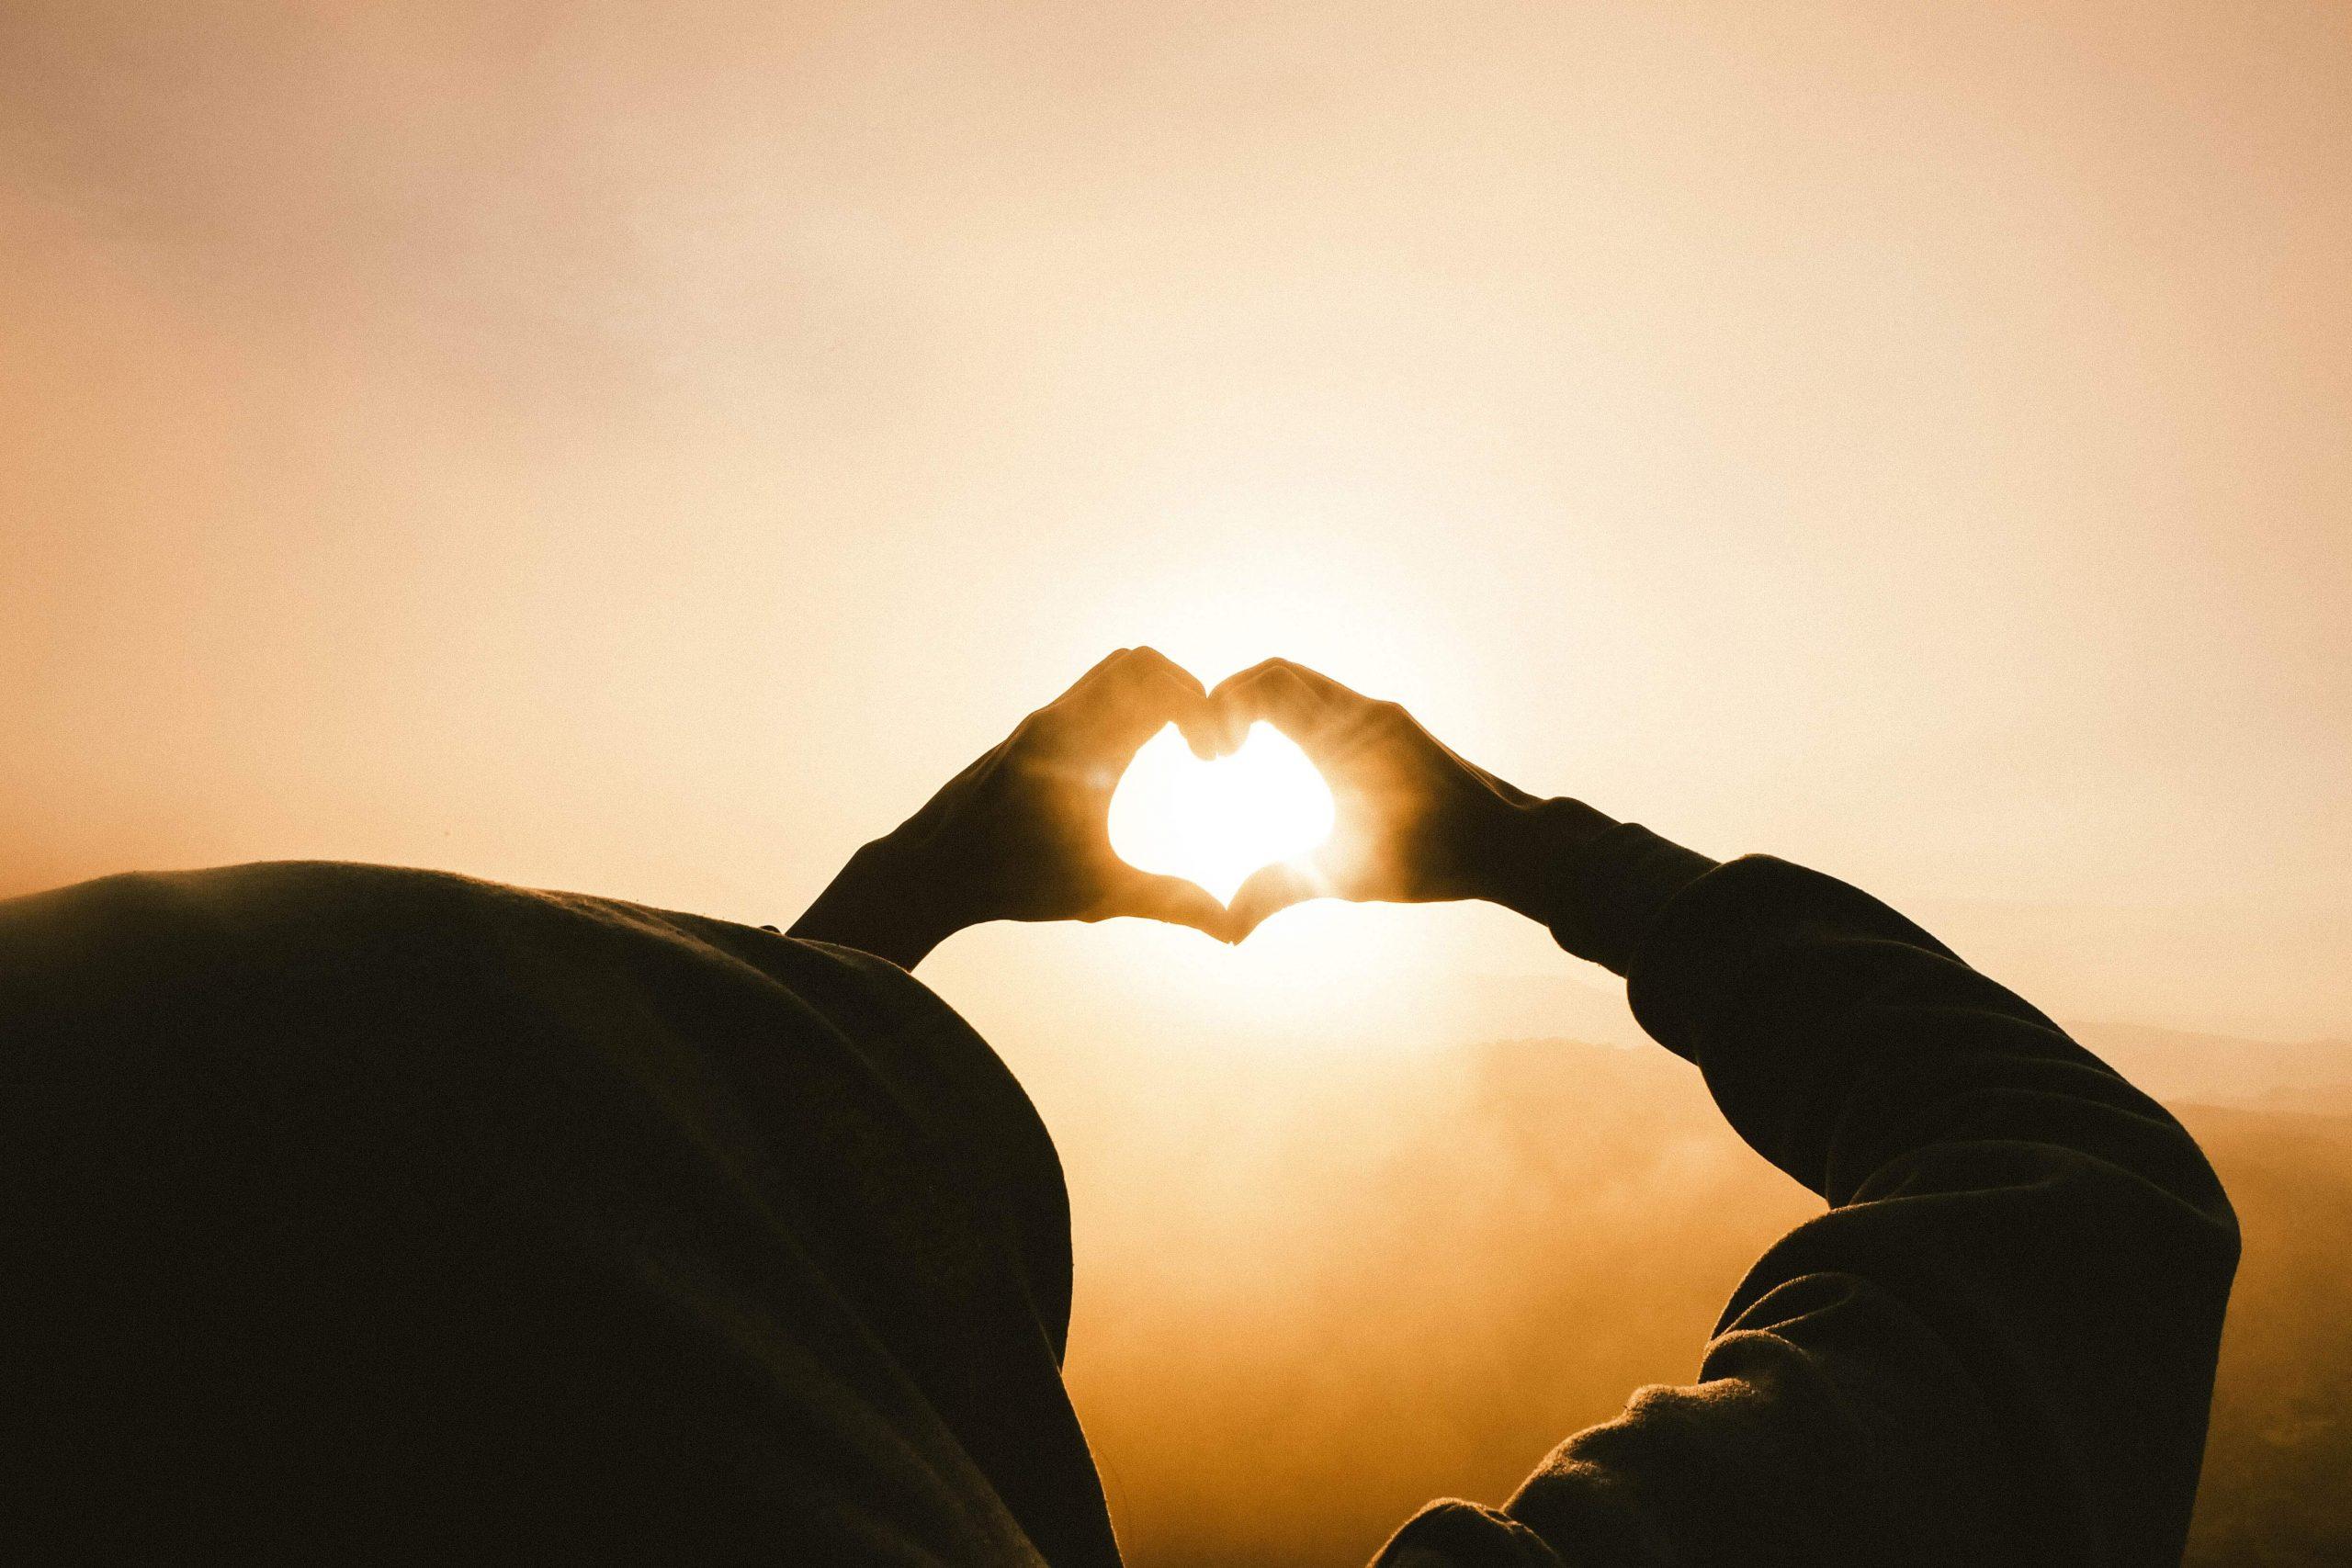 Come aiutare bambini e giovani in difficoltà con un semplice gesto d'amore, senza tirare fuori un euro di tasca tua